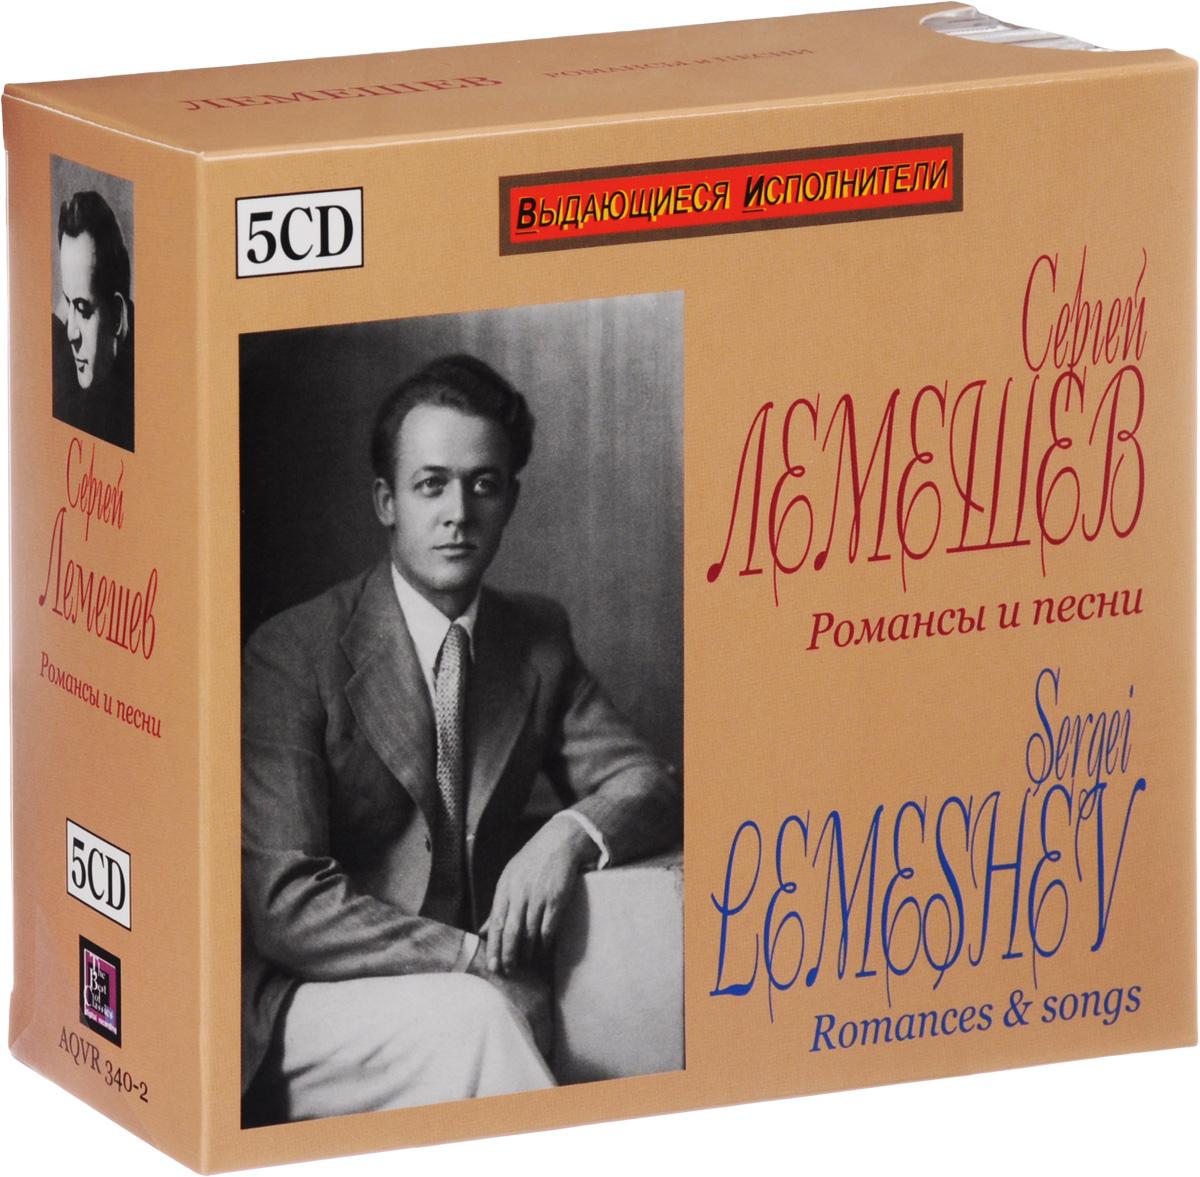 Сергей Лемешев. Романсы и песни (5 CD)